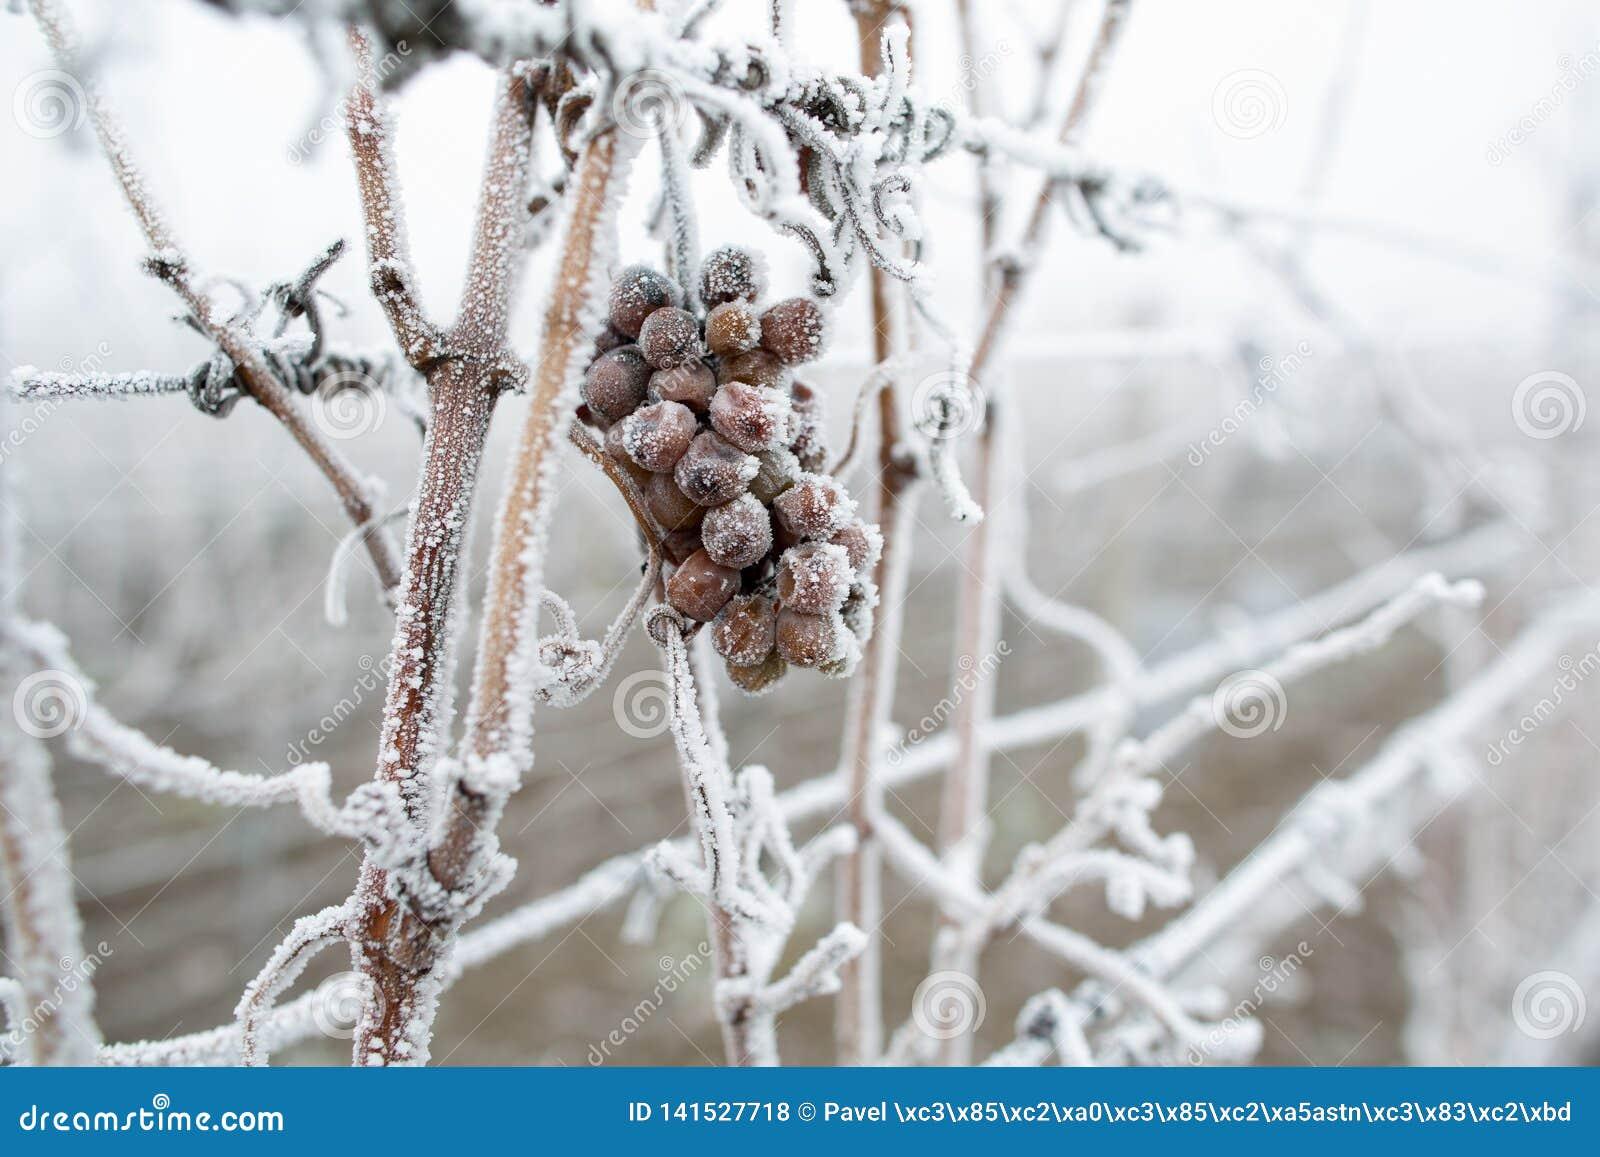 Vin de glace Raisins de vin rouge pour le vin de glace en état et neige d hiver Raisins congelés couverts par la glace blanche de